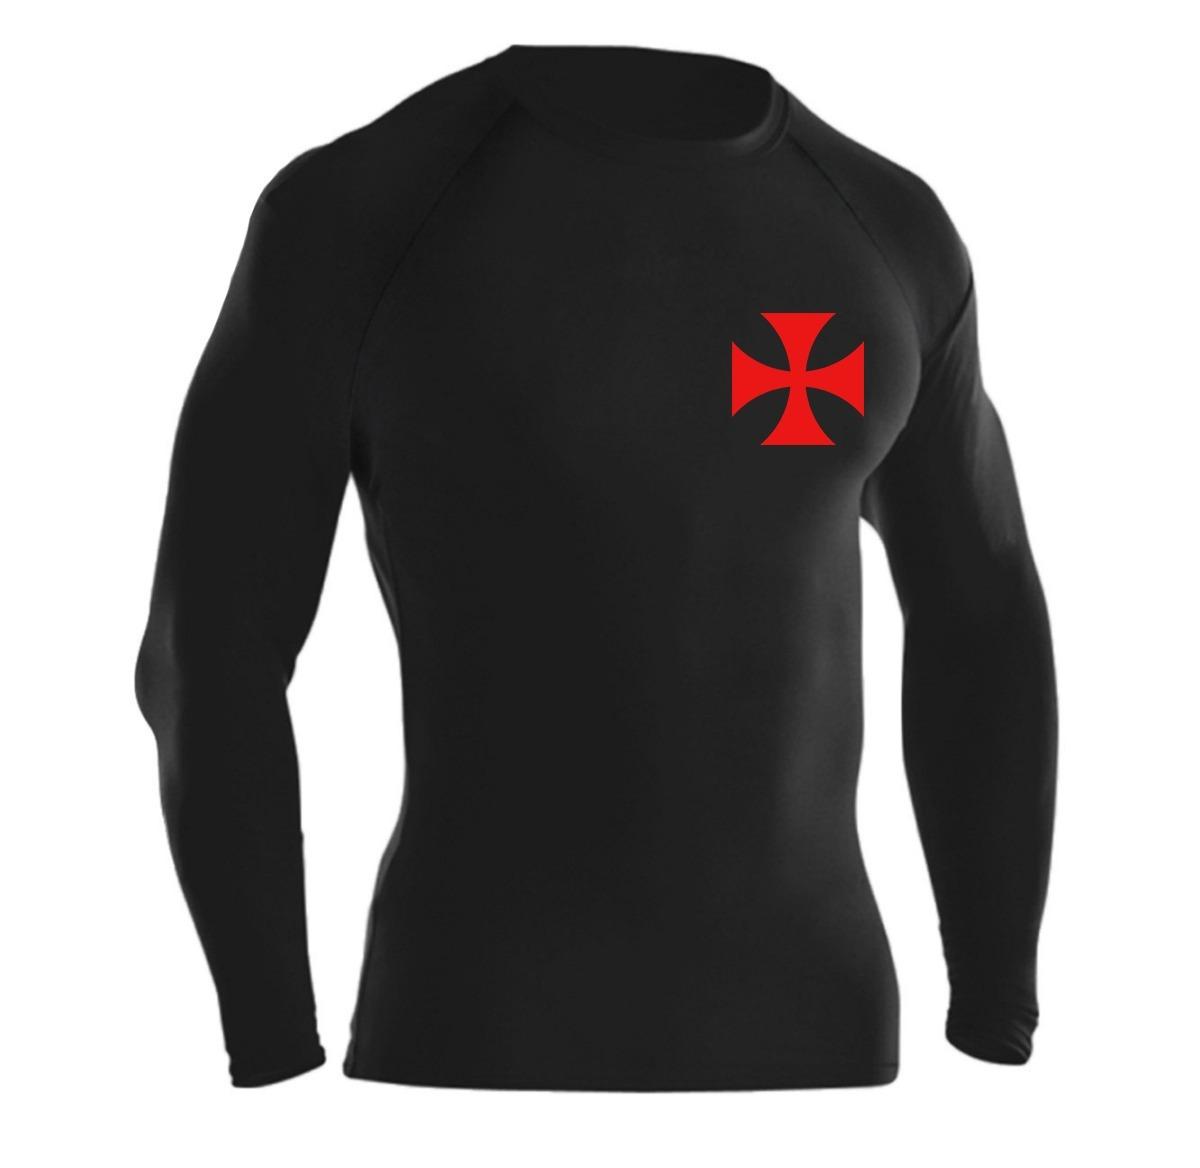 03891858a4 camisa térmica compressão vasco manga longa proteção uv. Carregando zoom.